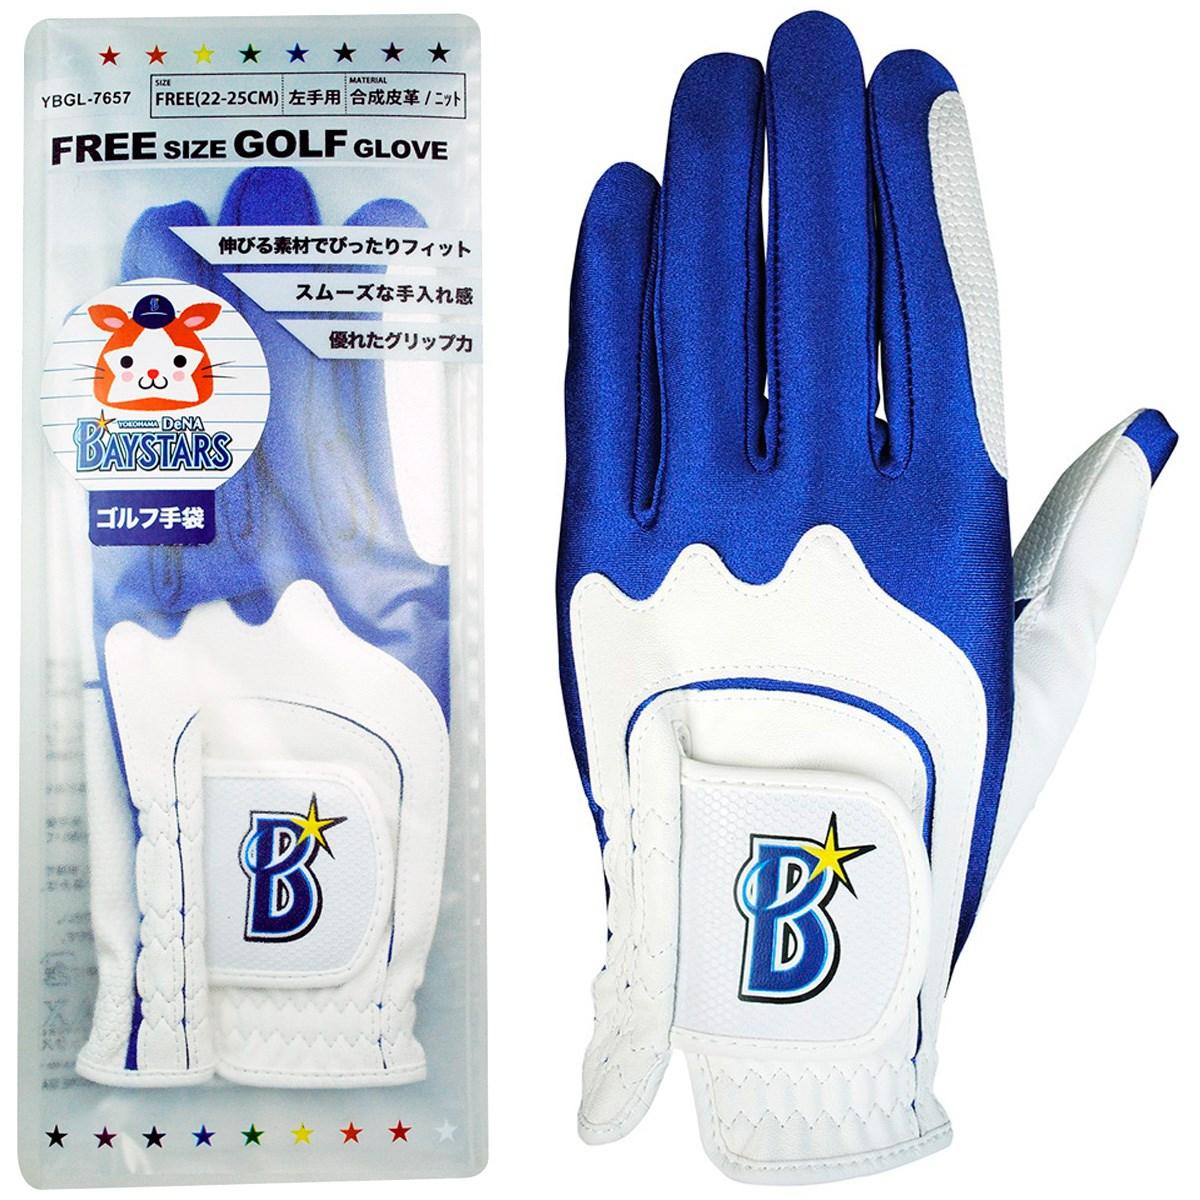 横浜DeNAベイスターズ カラーグローブ フリー 左手着用(右利き用) ホワイト/ブルー